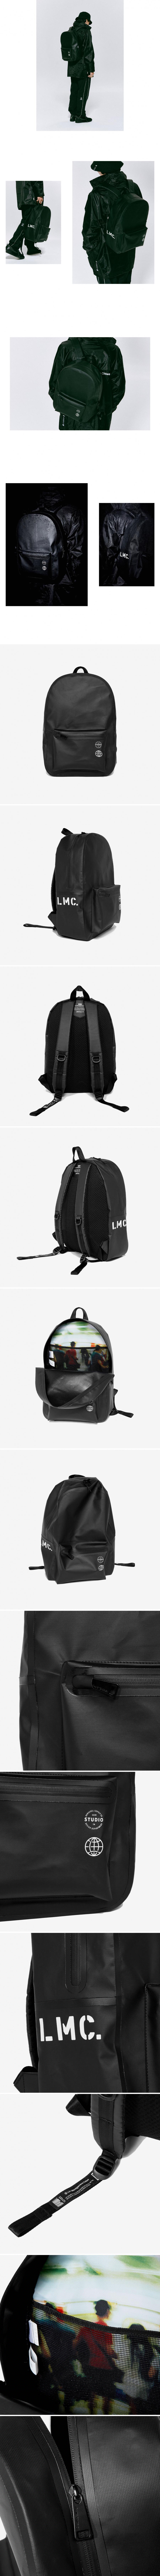 엘엠씨(LMC) LMC x HERSCHEL SETTLEMENT BAG black